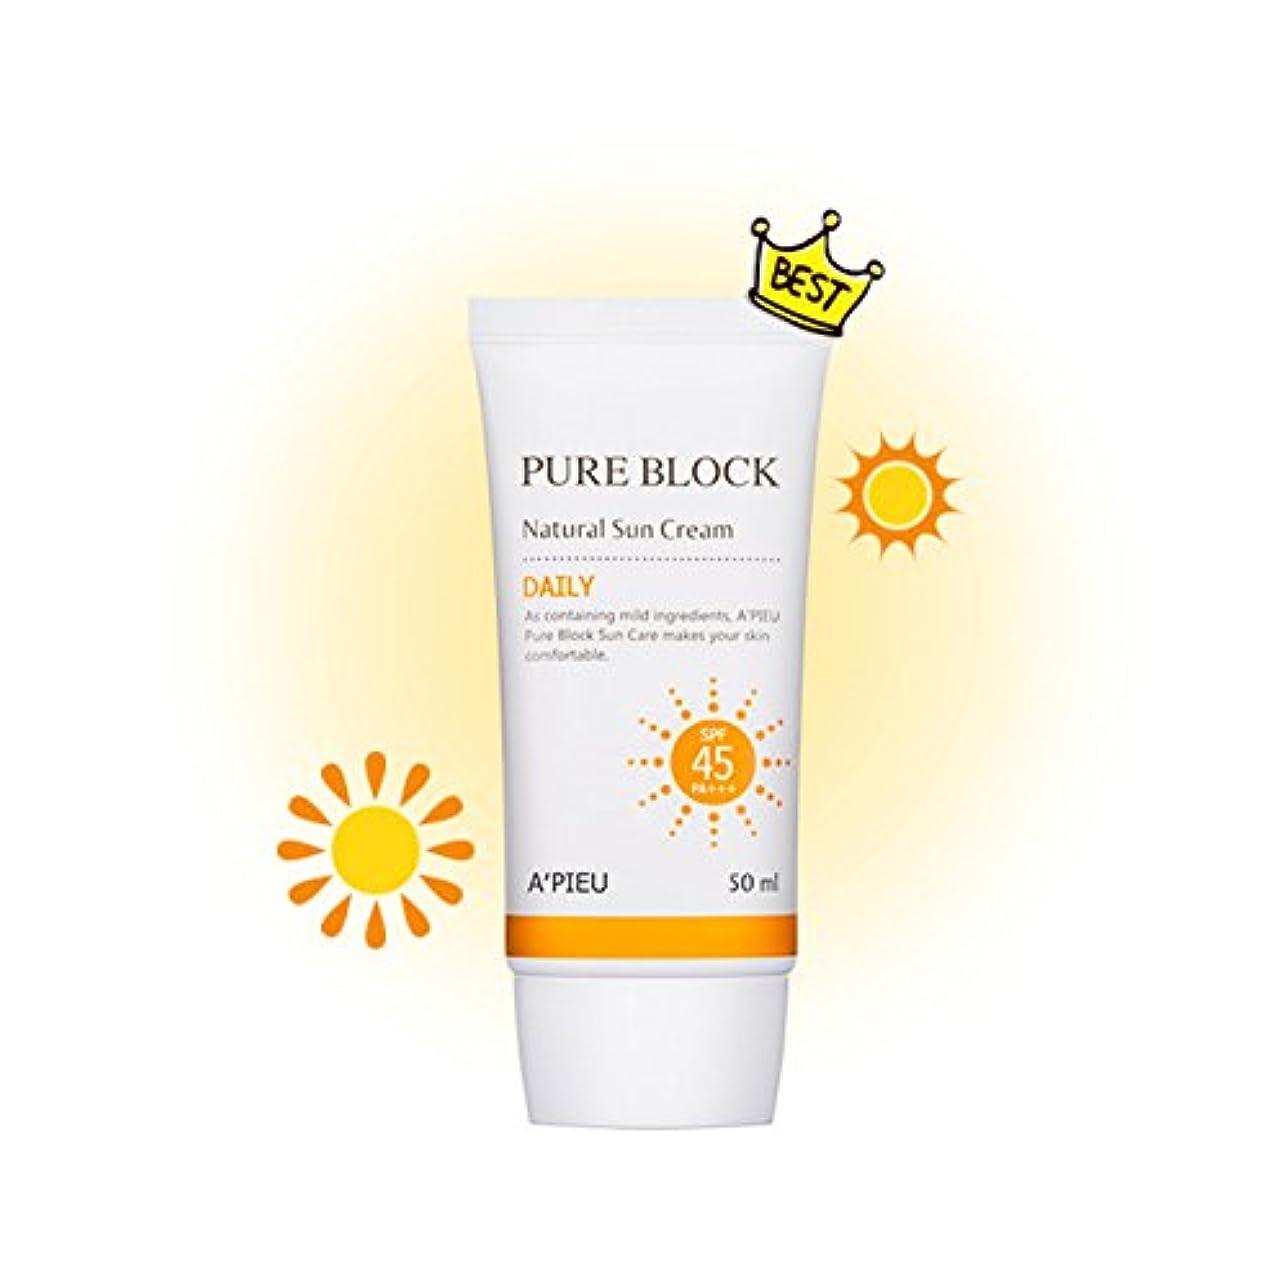 ボイラーハイキングネックレス[オピュ] A'PIEU ピュアブロックナチュラルデイリー日焼け止め Pure Block Natural Daily Sun Cream SPF 45 PA+++ [並行輸入品]